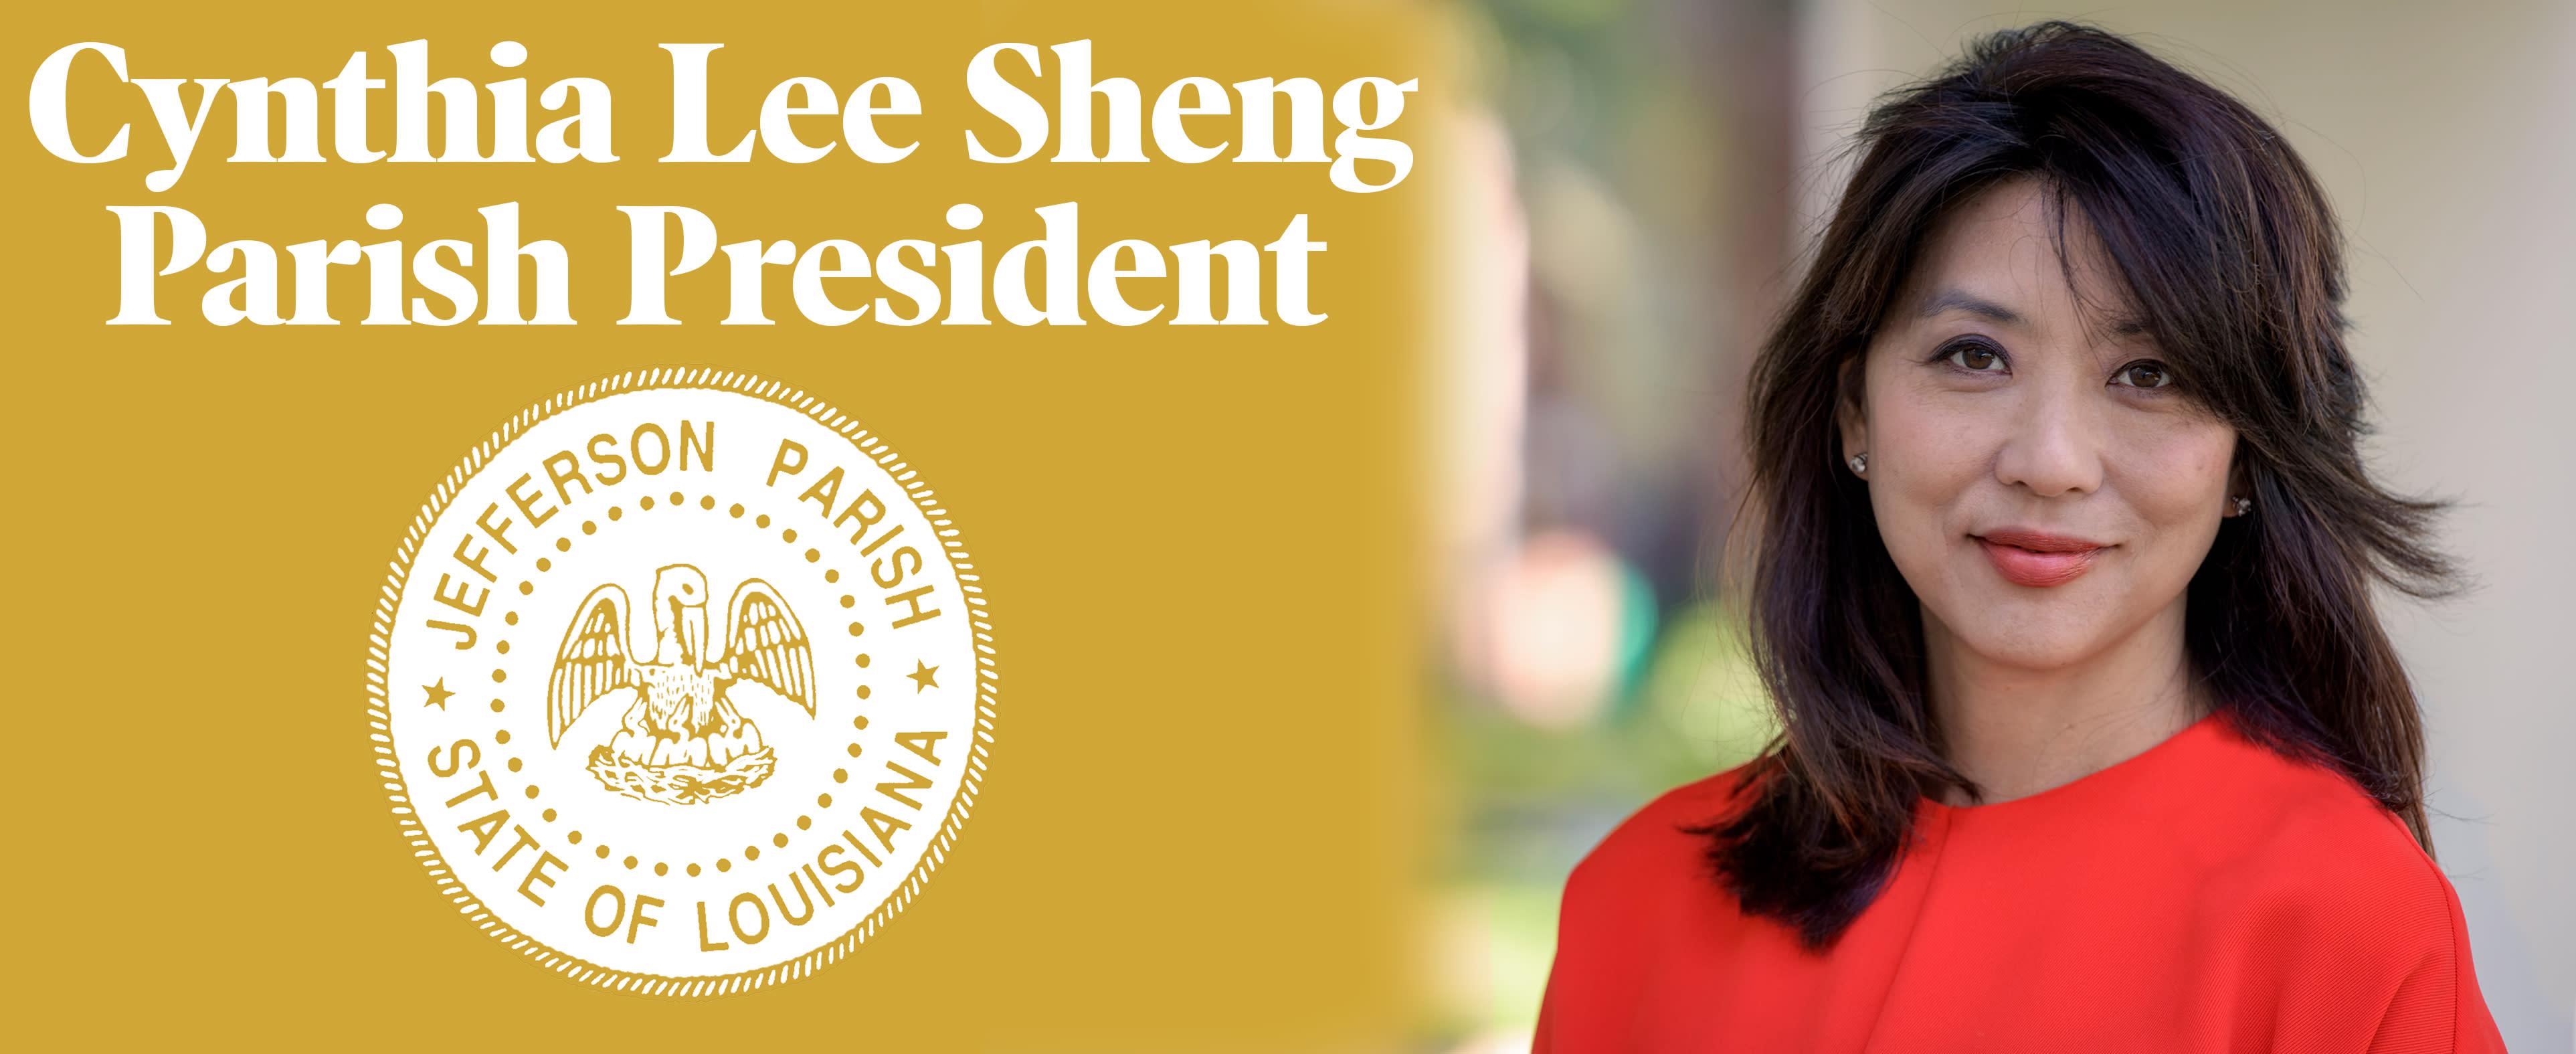 Cyhtia Lee Sheng